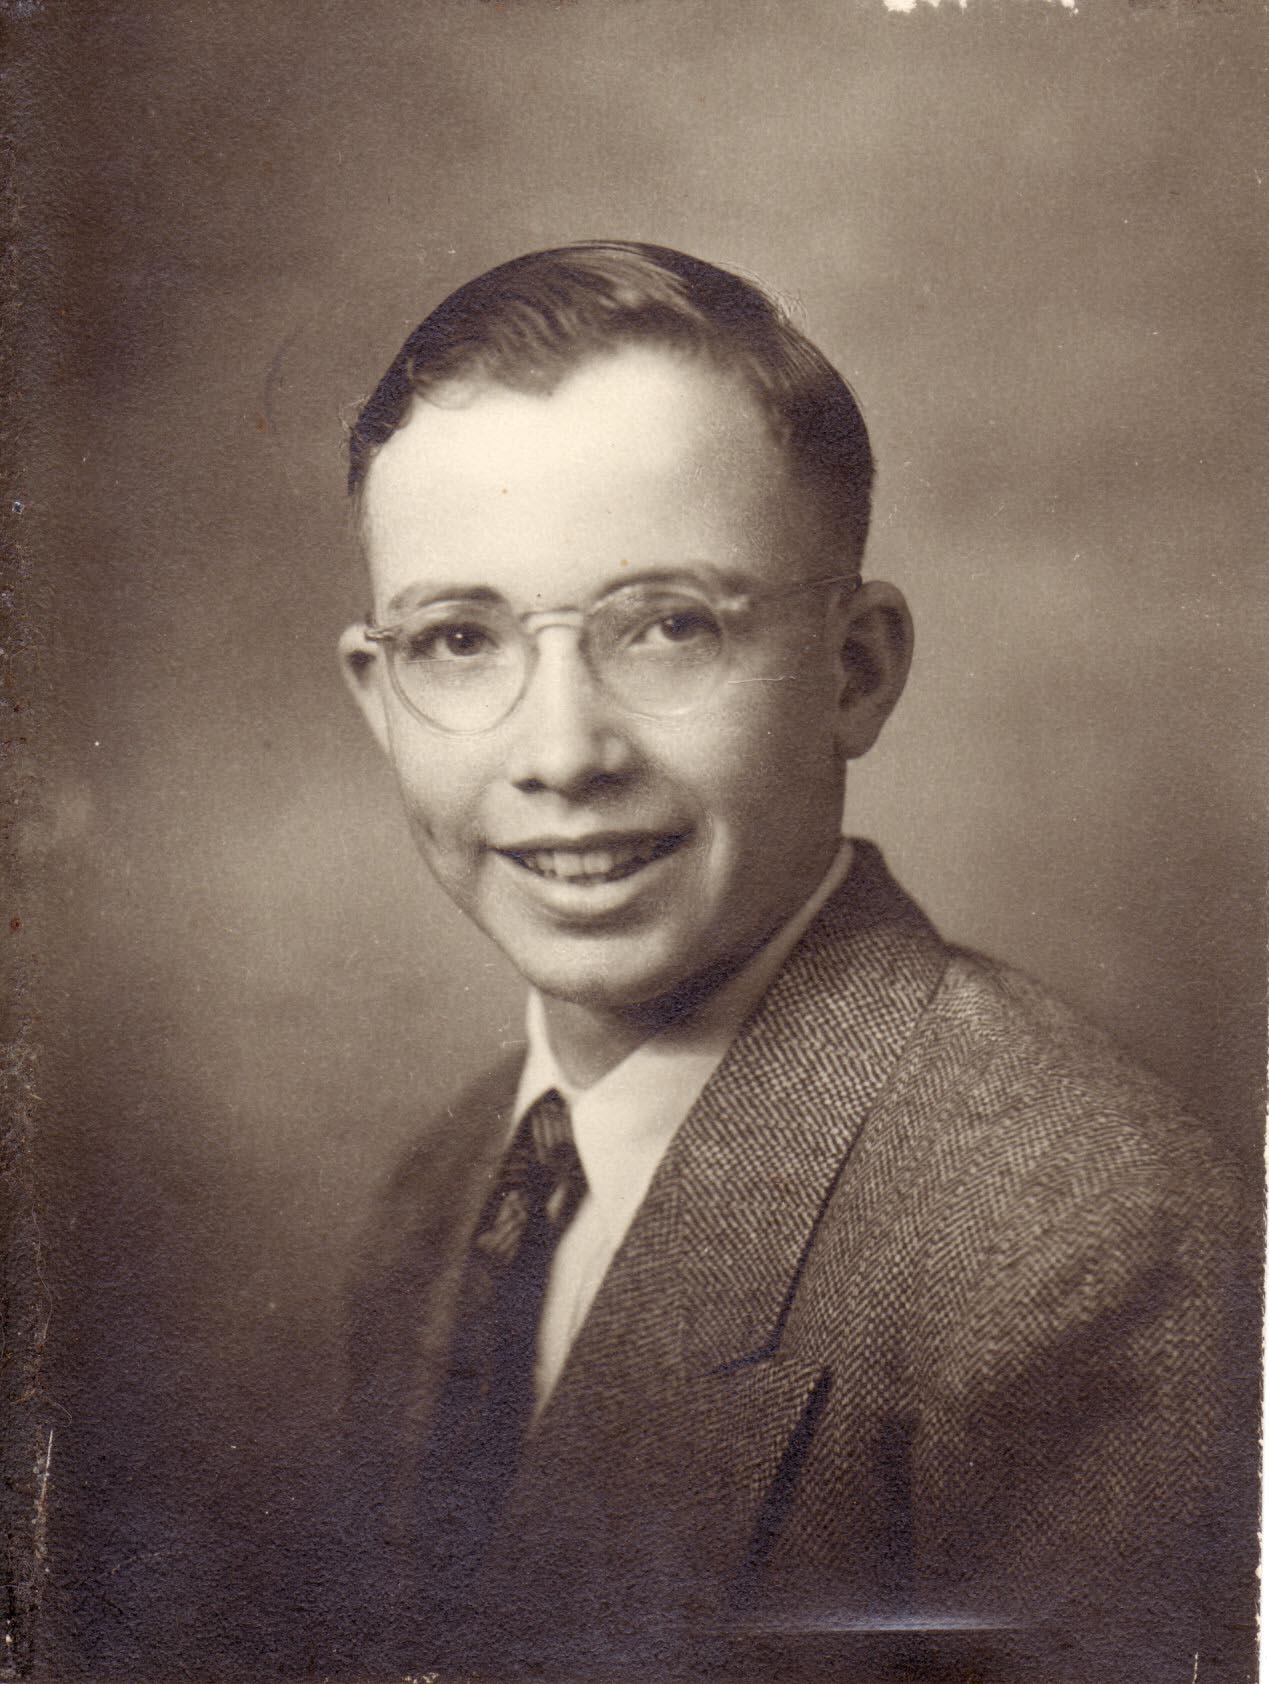 wendell cott 1950